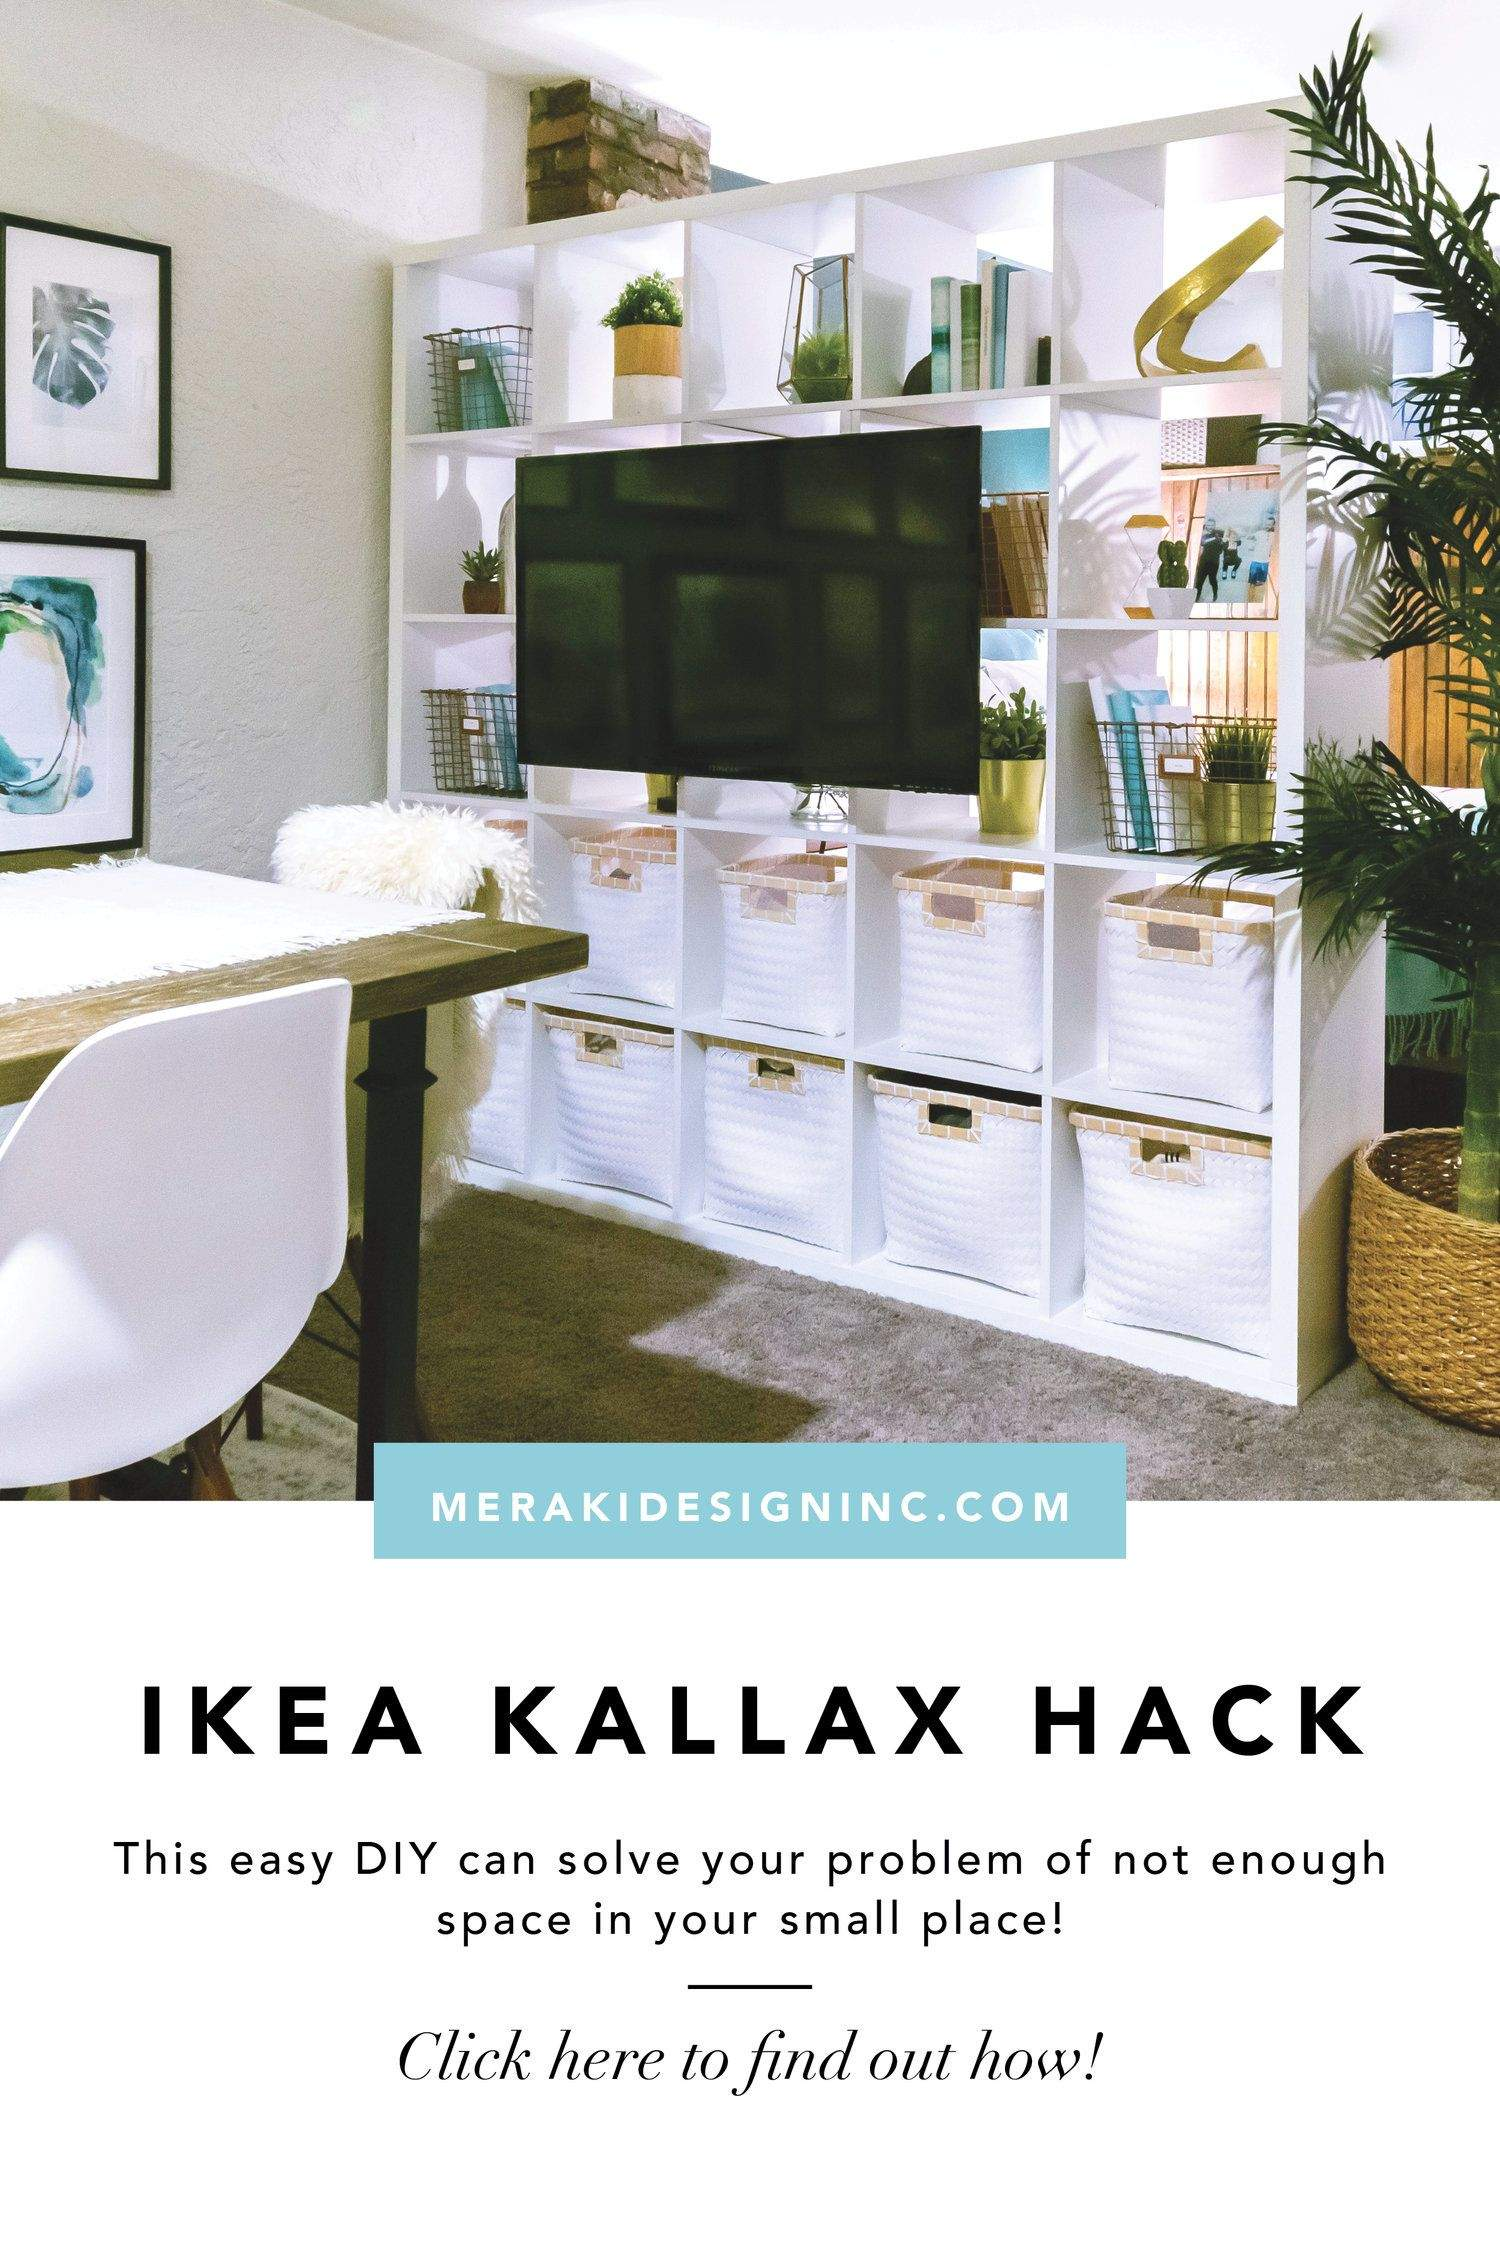 Full Size of Modulküche Ikea Miniküche Küche Kosten Sofa Mit Schlaffunktion Betten 160x200 Bei Kaufen Wohnzimmer Ikea Hacks